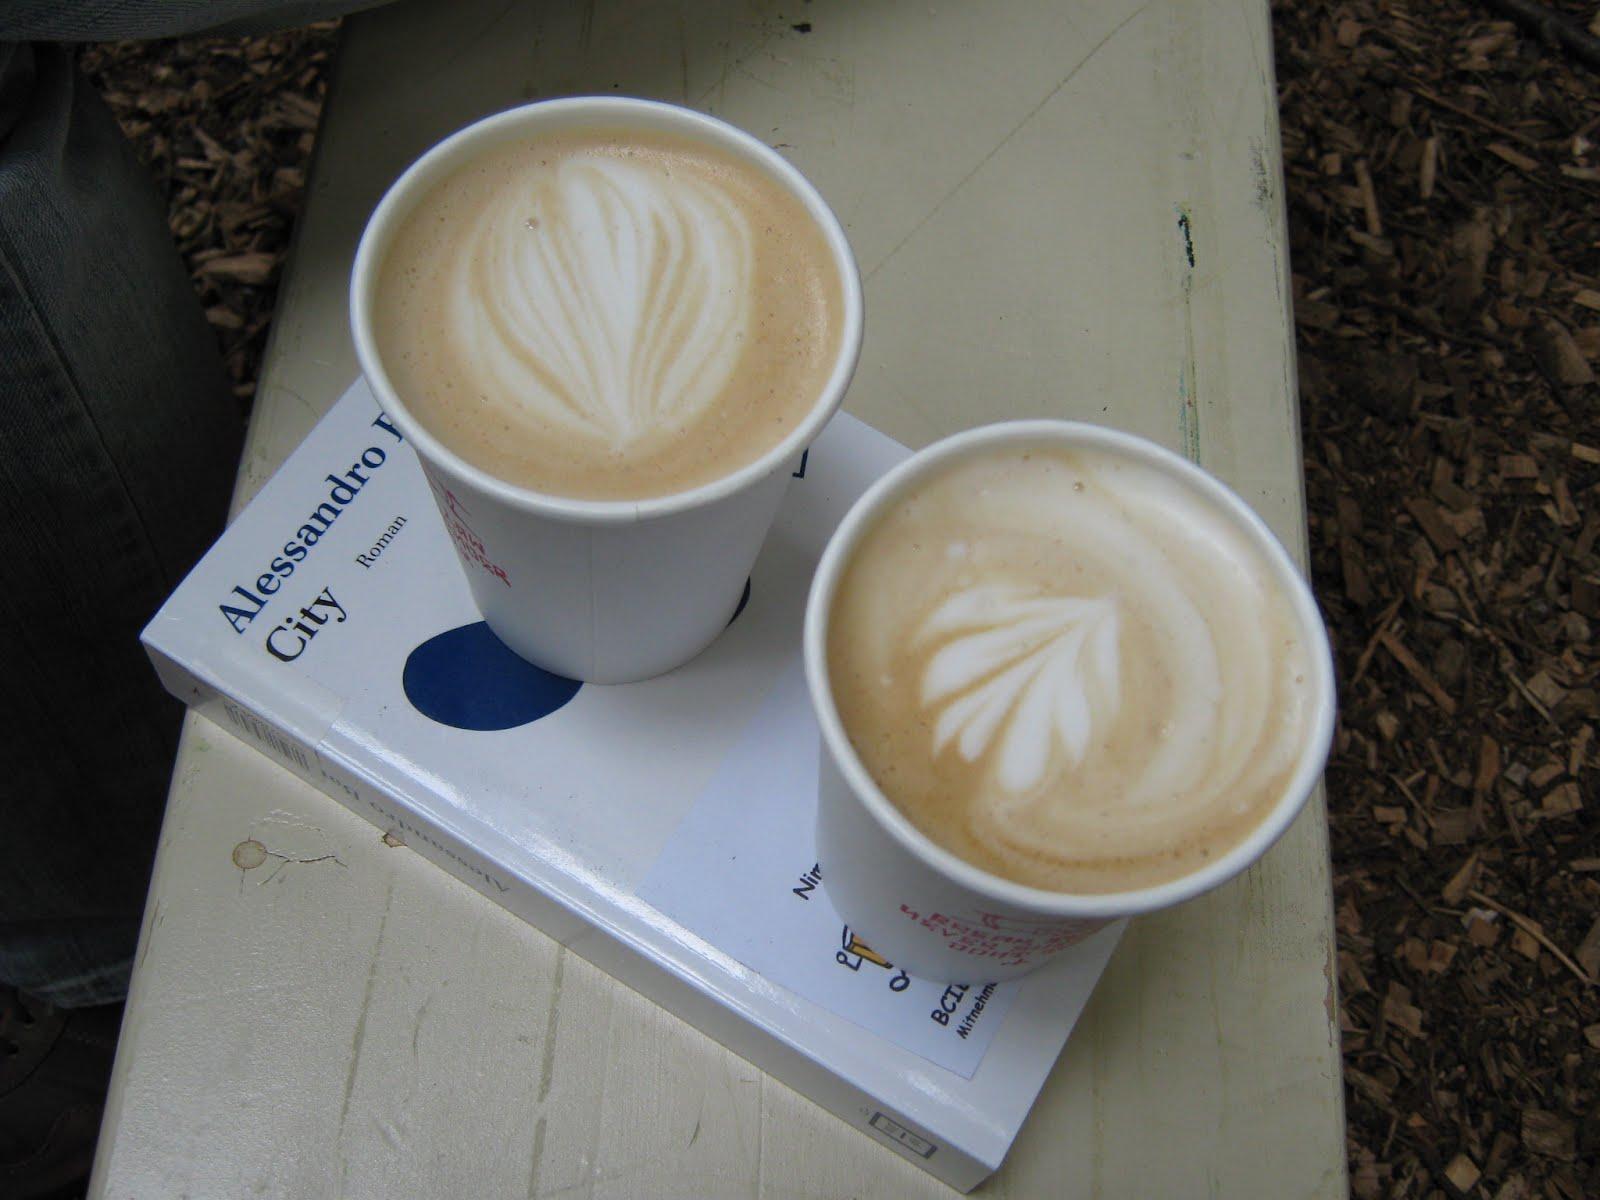 Kleine Kaffeechallenge mit Gewinnspiel - läuft bis  zum 31.08.2017, Einstieg jederzeit möglich